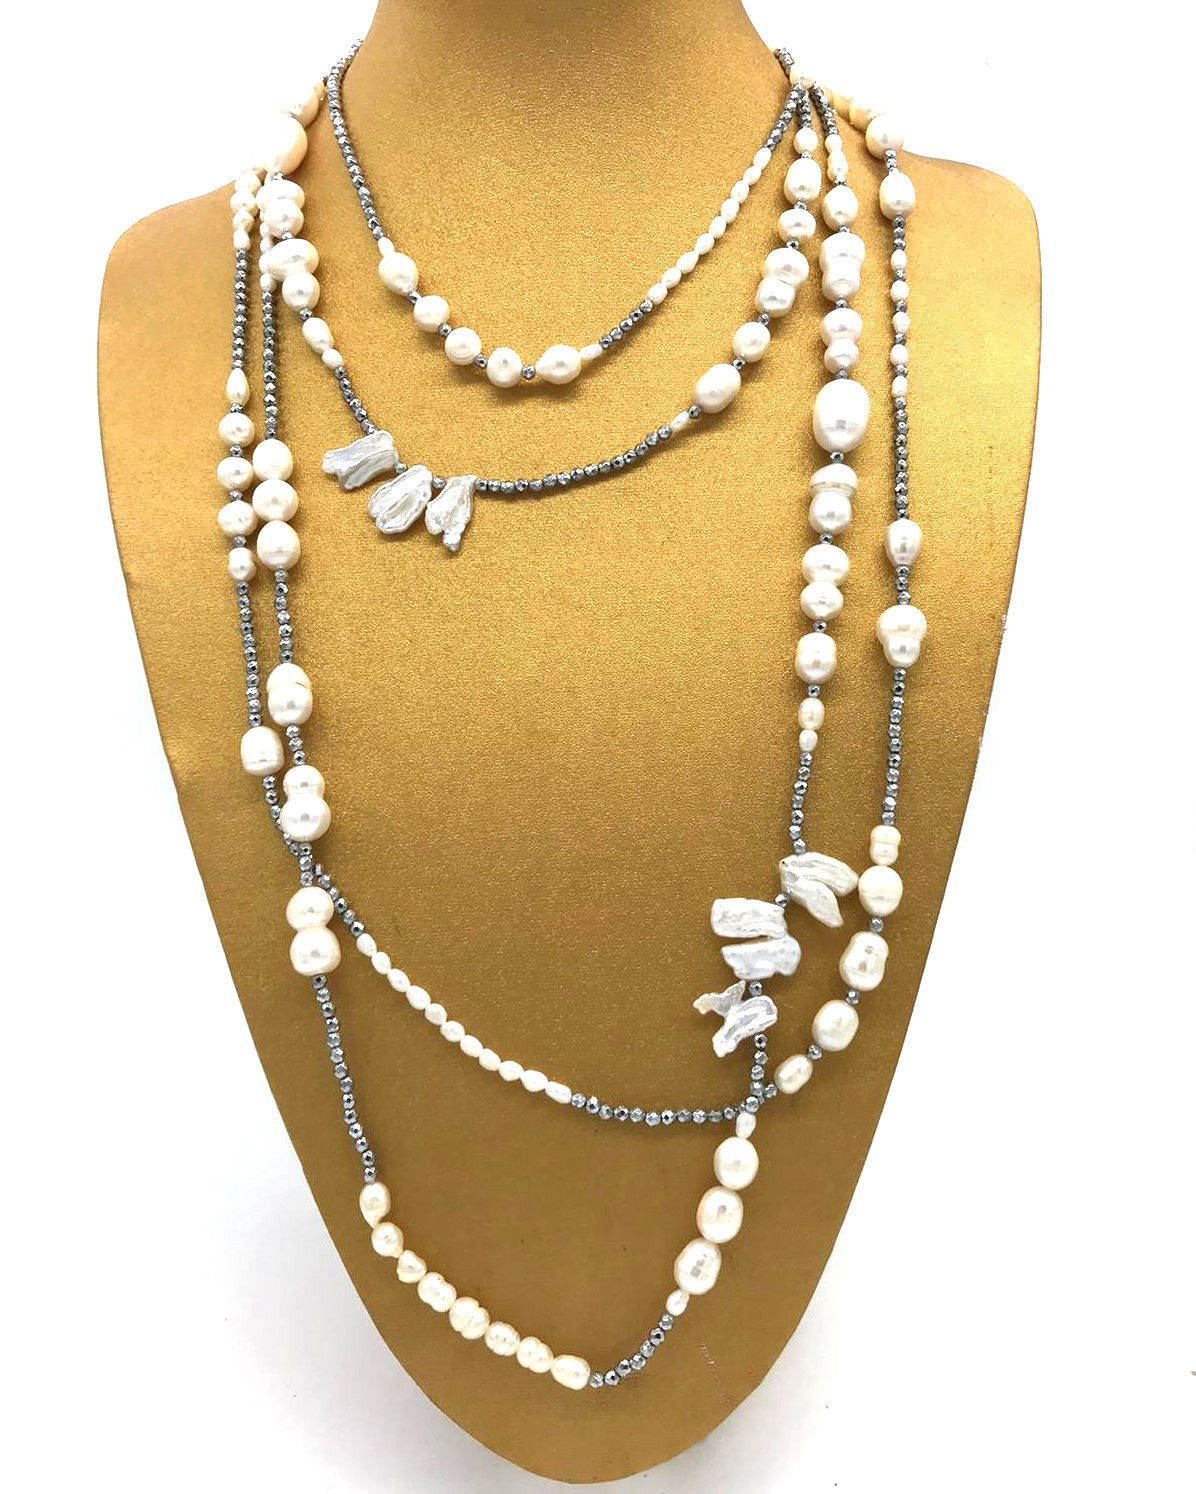 Collana Chanel doppio filo in perle ed ematite